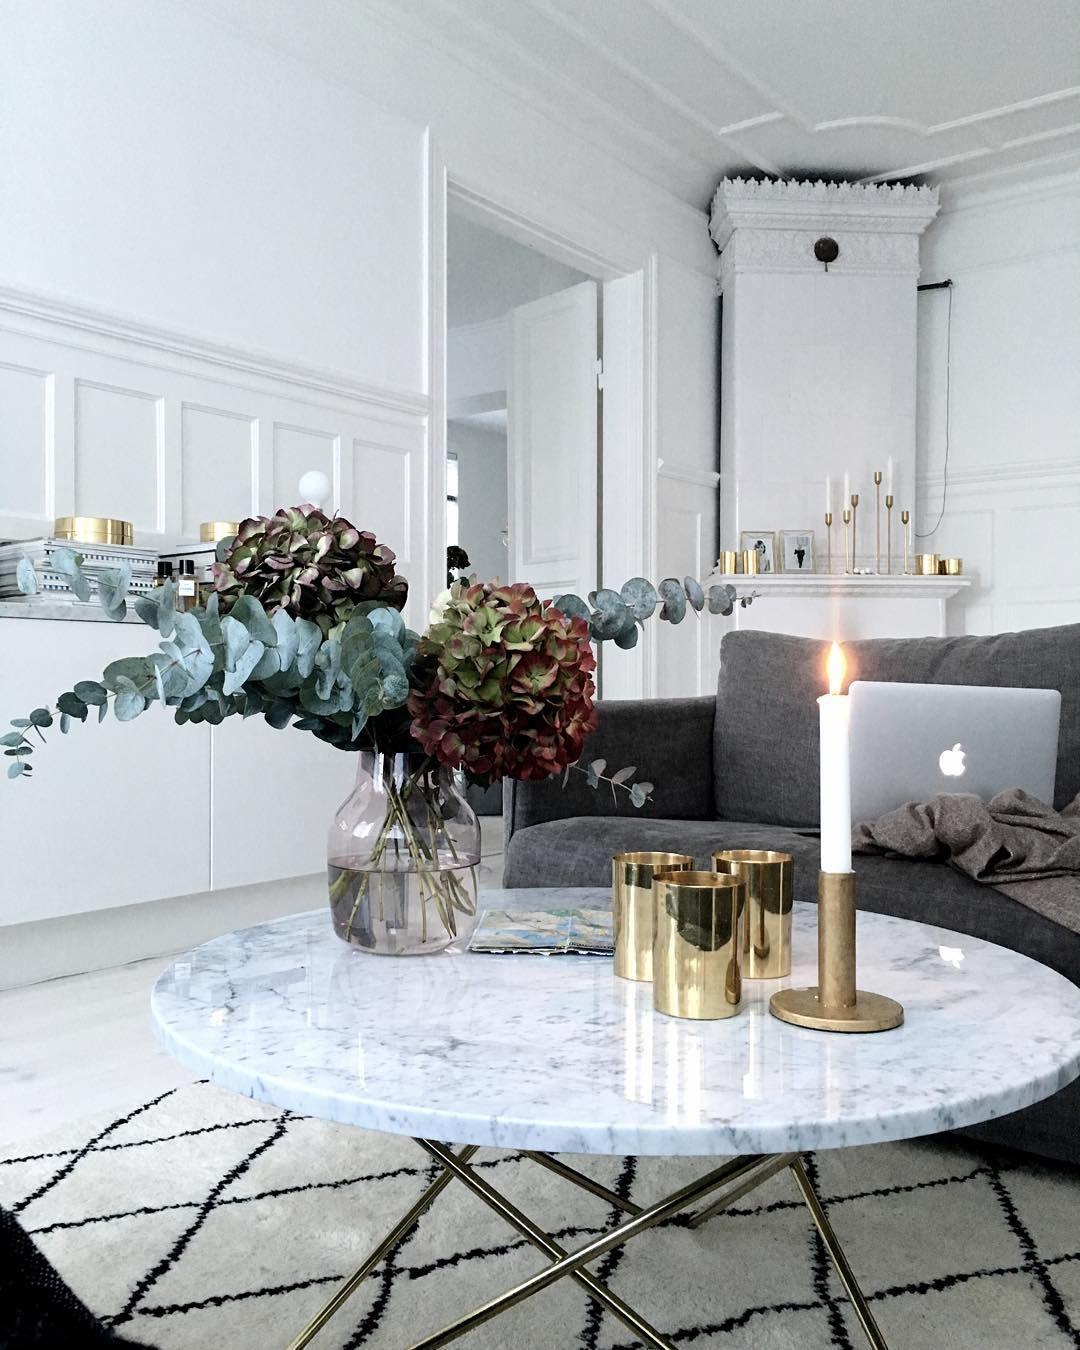 """Decor Inspiring Marble Coffee Table For Living Room: """"bor På Soffan Idag. Tusen Tack För Igår Alla Helt"""